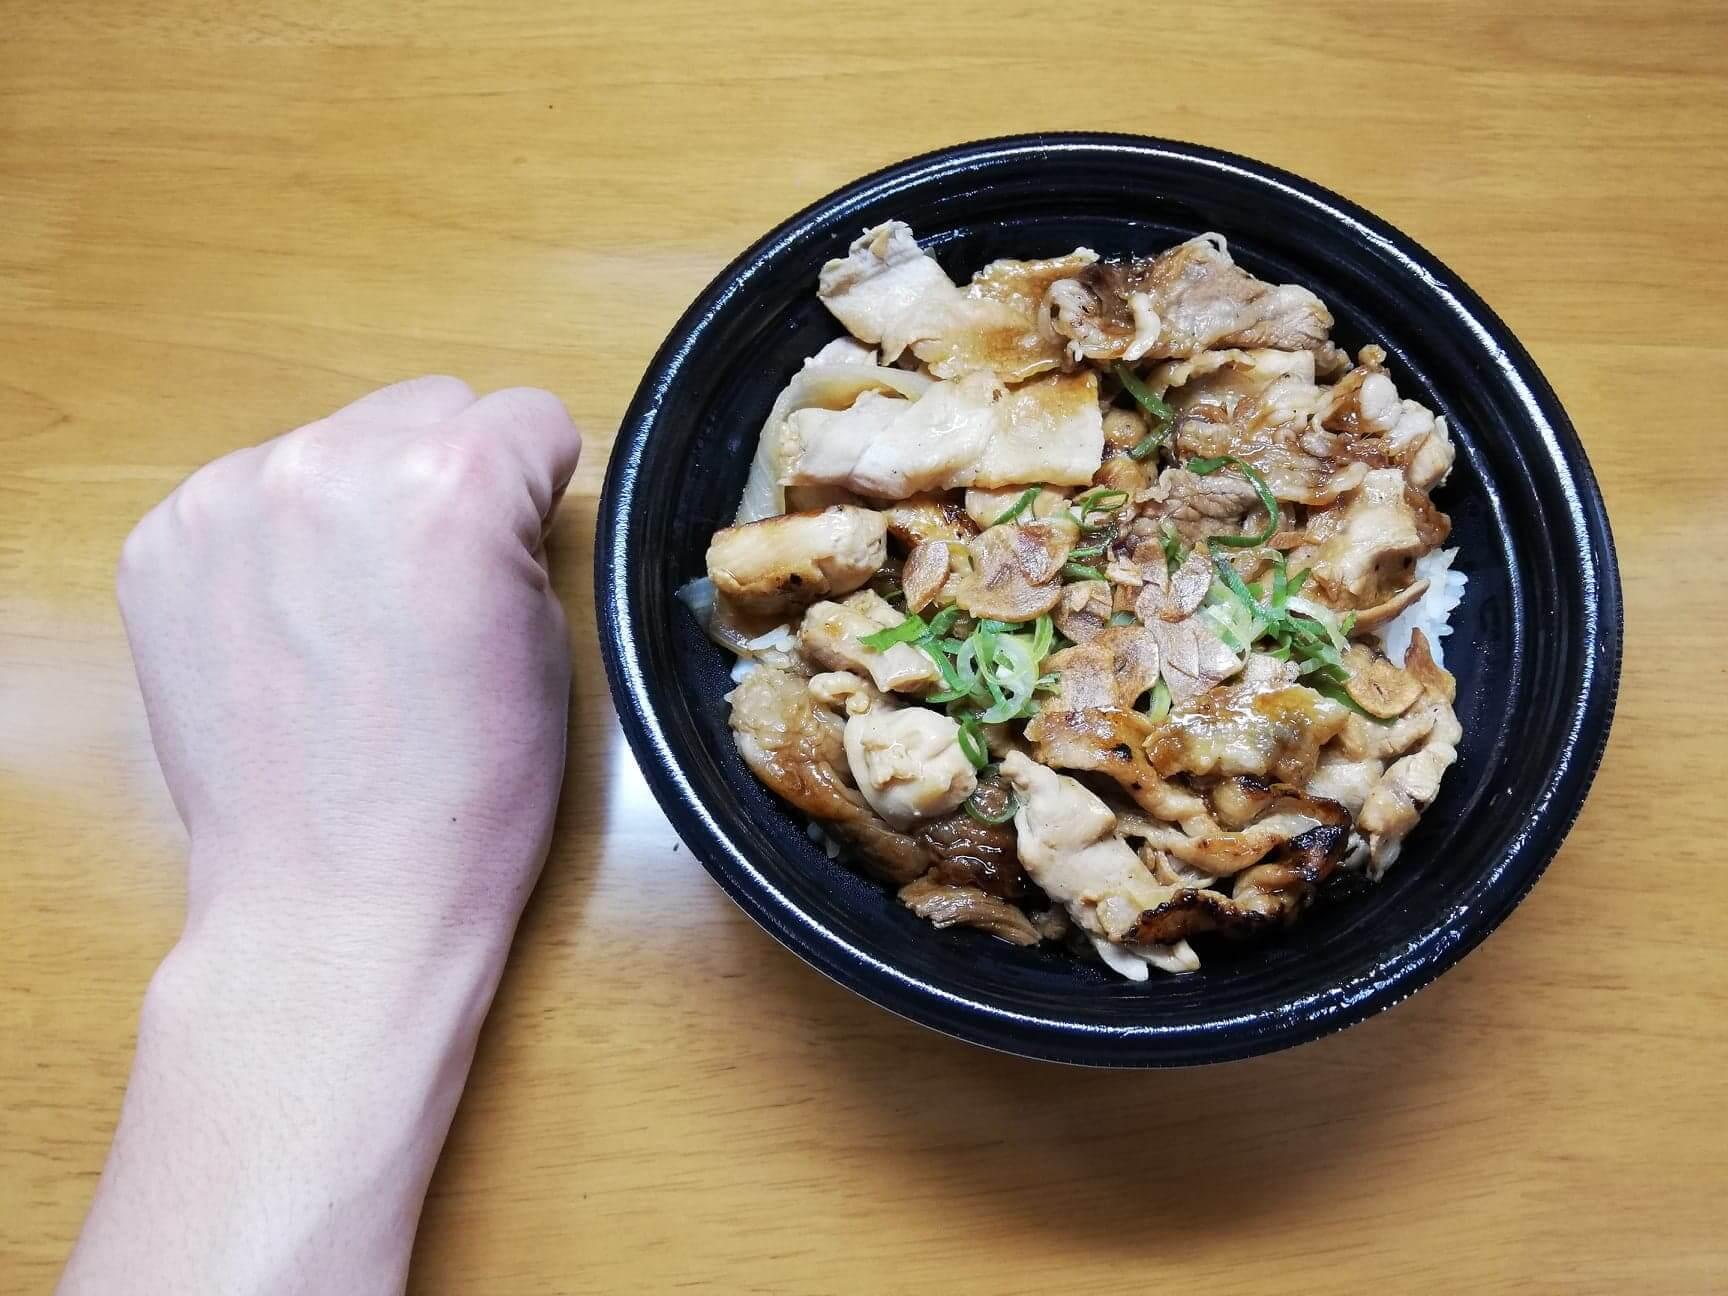 吉野家の『スタミナ超特盛丼』と拳のサイズ比較写真